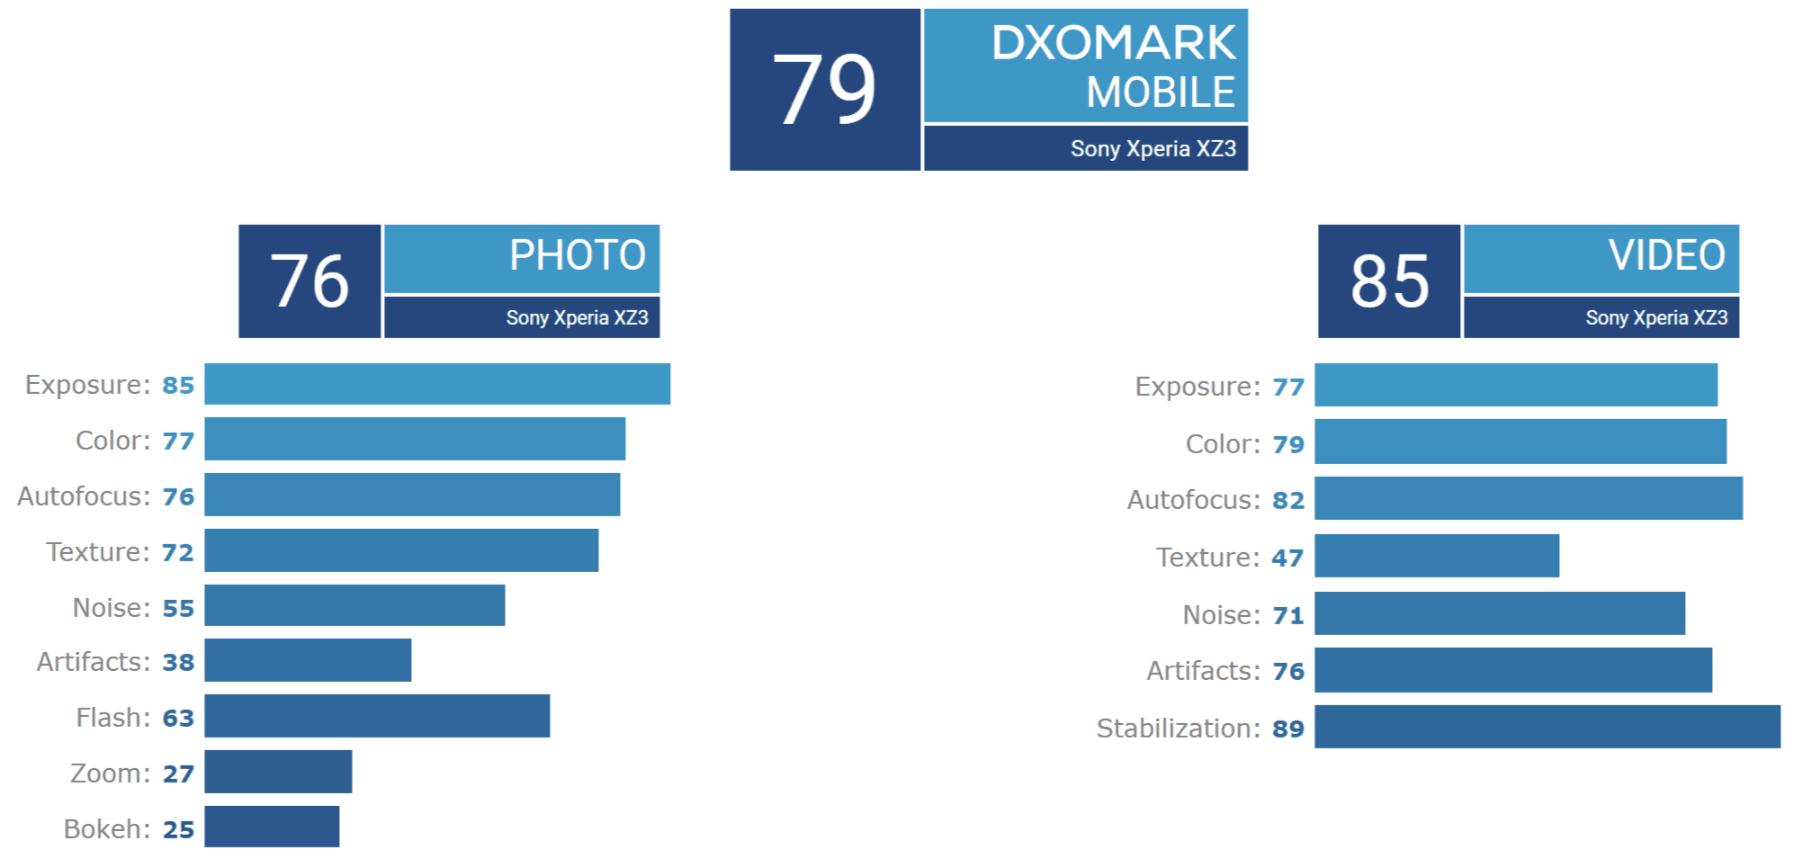 Flagowa Xperia XZ3 z trudem przebija średniopółkową Xperię XA2 Ultra w fotograficznym rankingu DxOMark